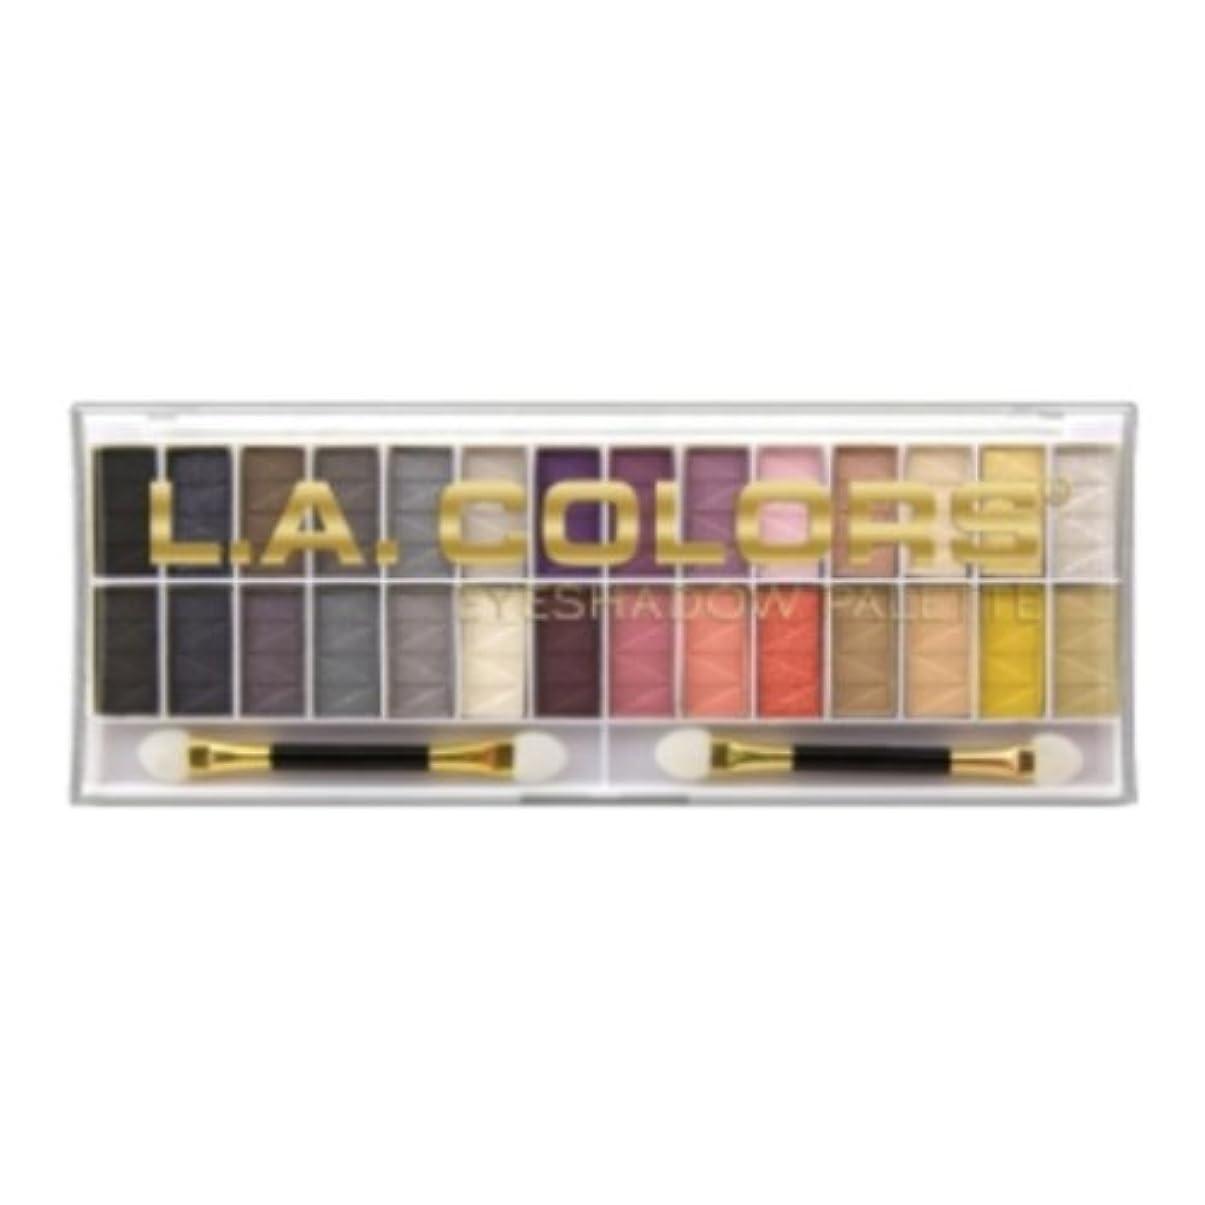 異常なレルム結晶L.A. COLORS 28 Color Eyeshadow Palette - Malibu (並行輸入品)